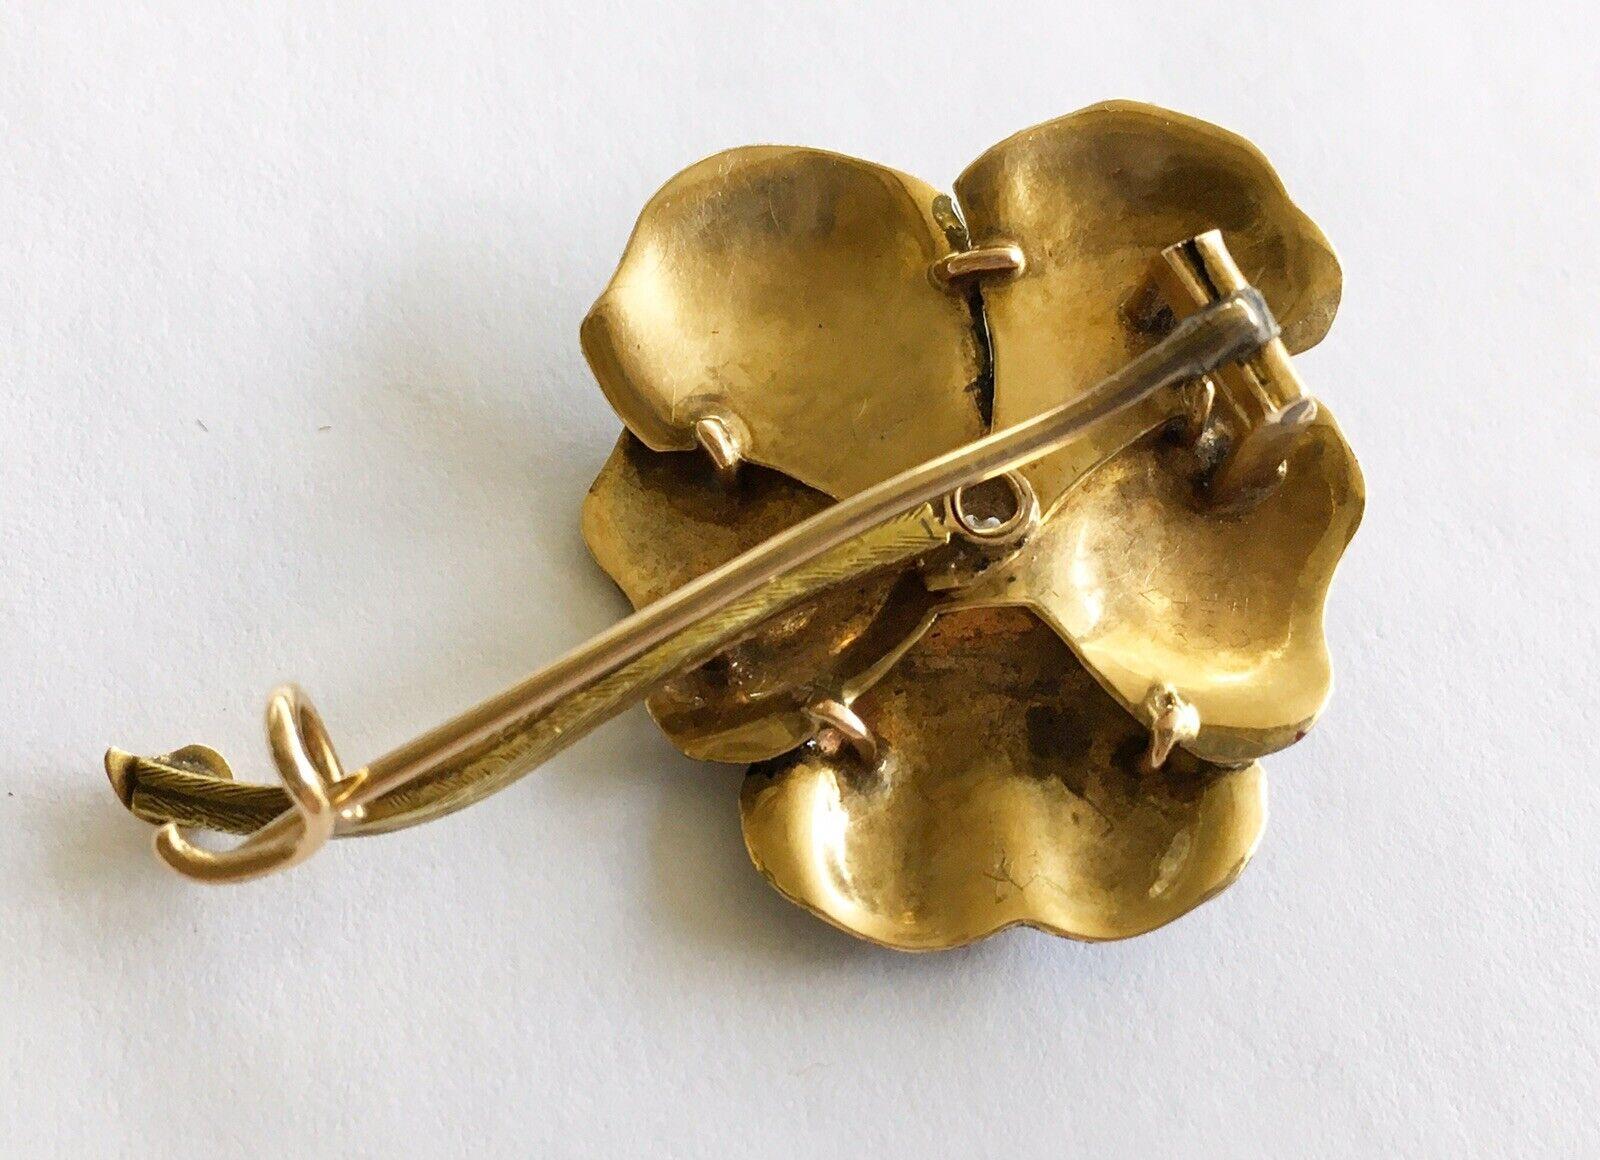 Antique Art Nouveau 14k Enamel Pansy  Pin With Di… - image 6